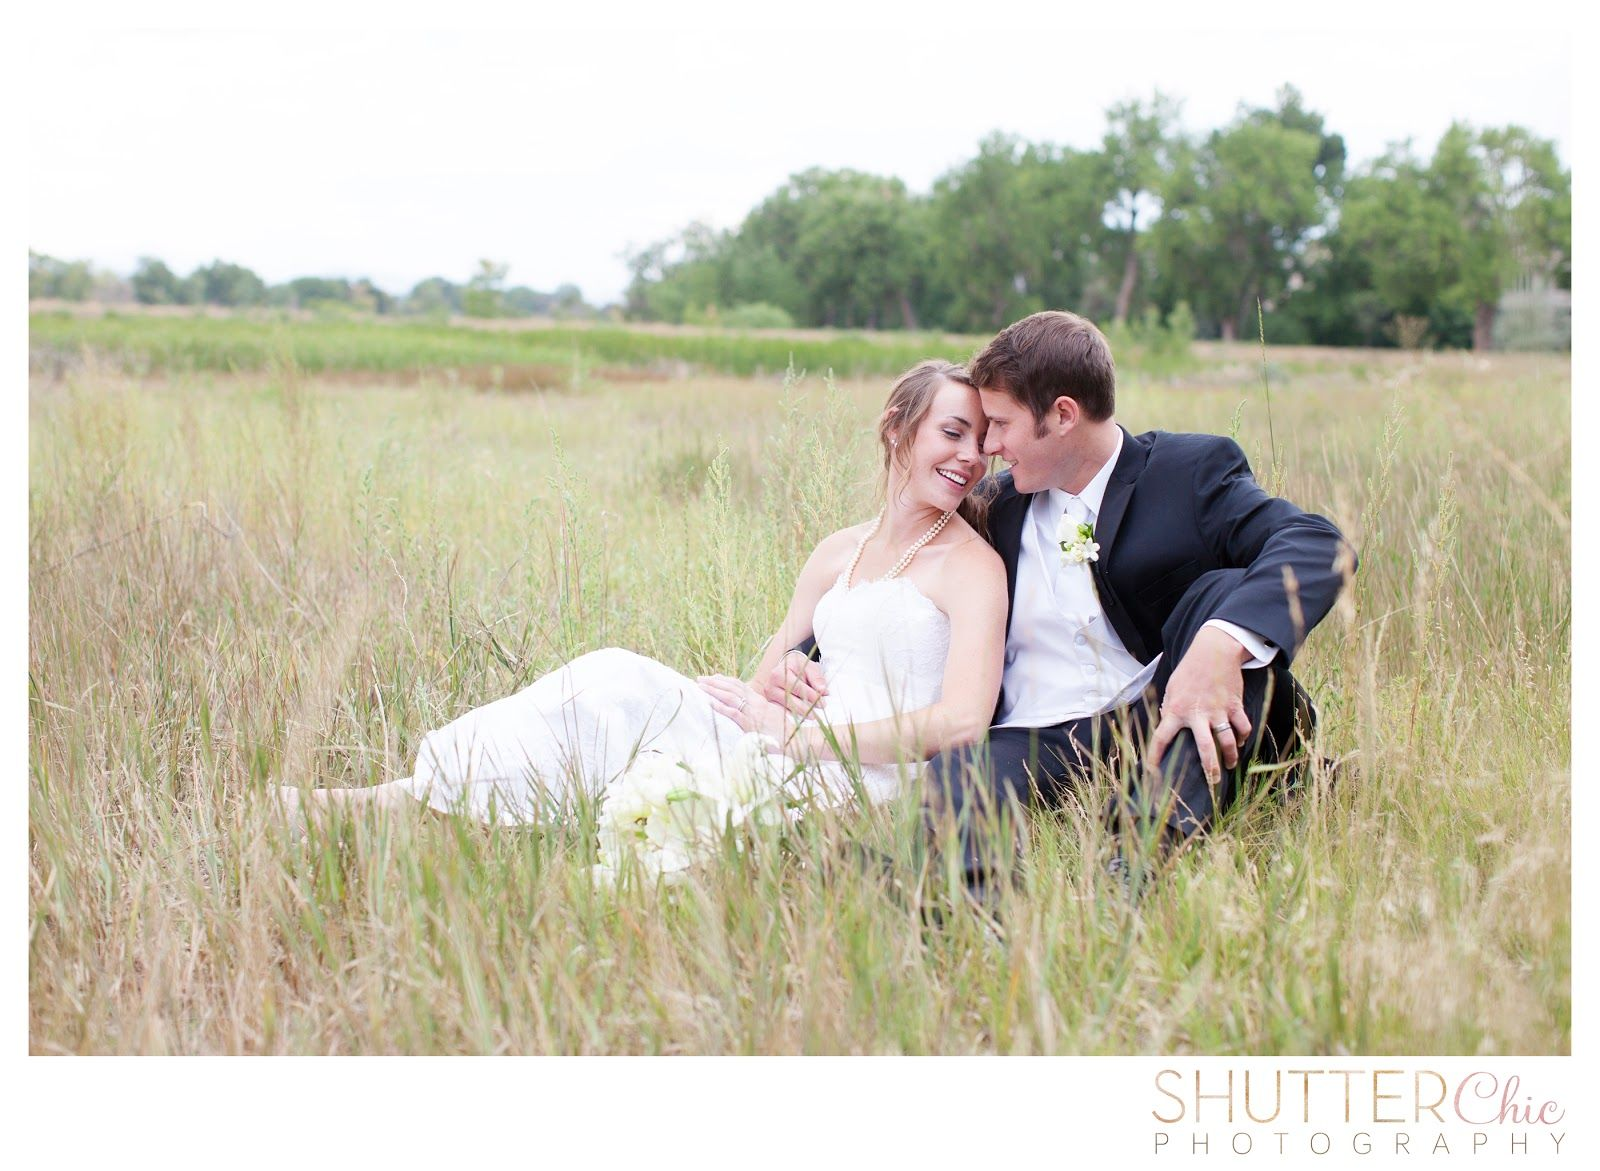 ShutterChic Photography | Wedding Photography | http://shutterchicphoto.com/